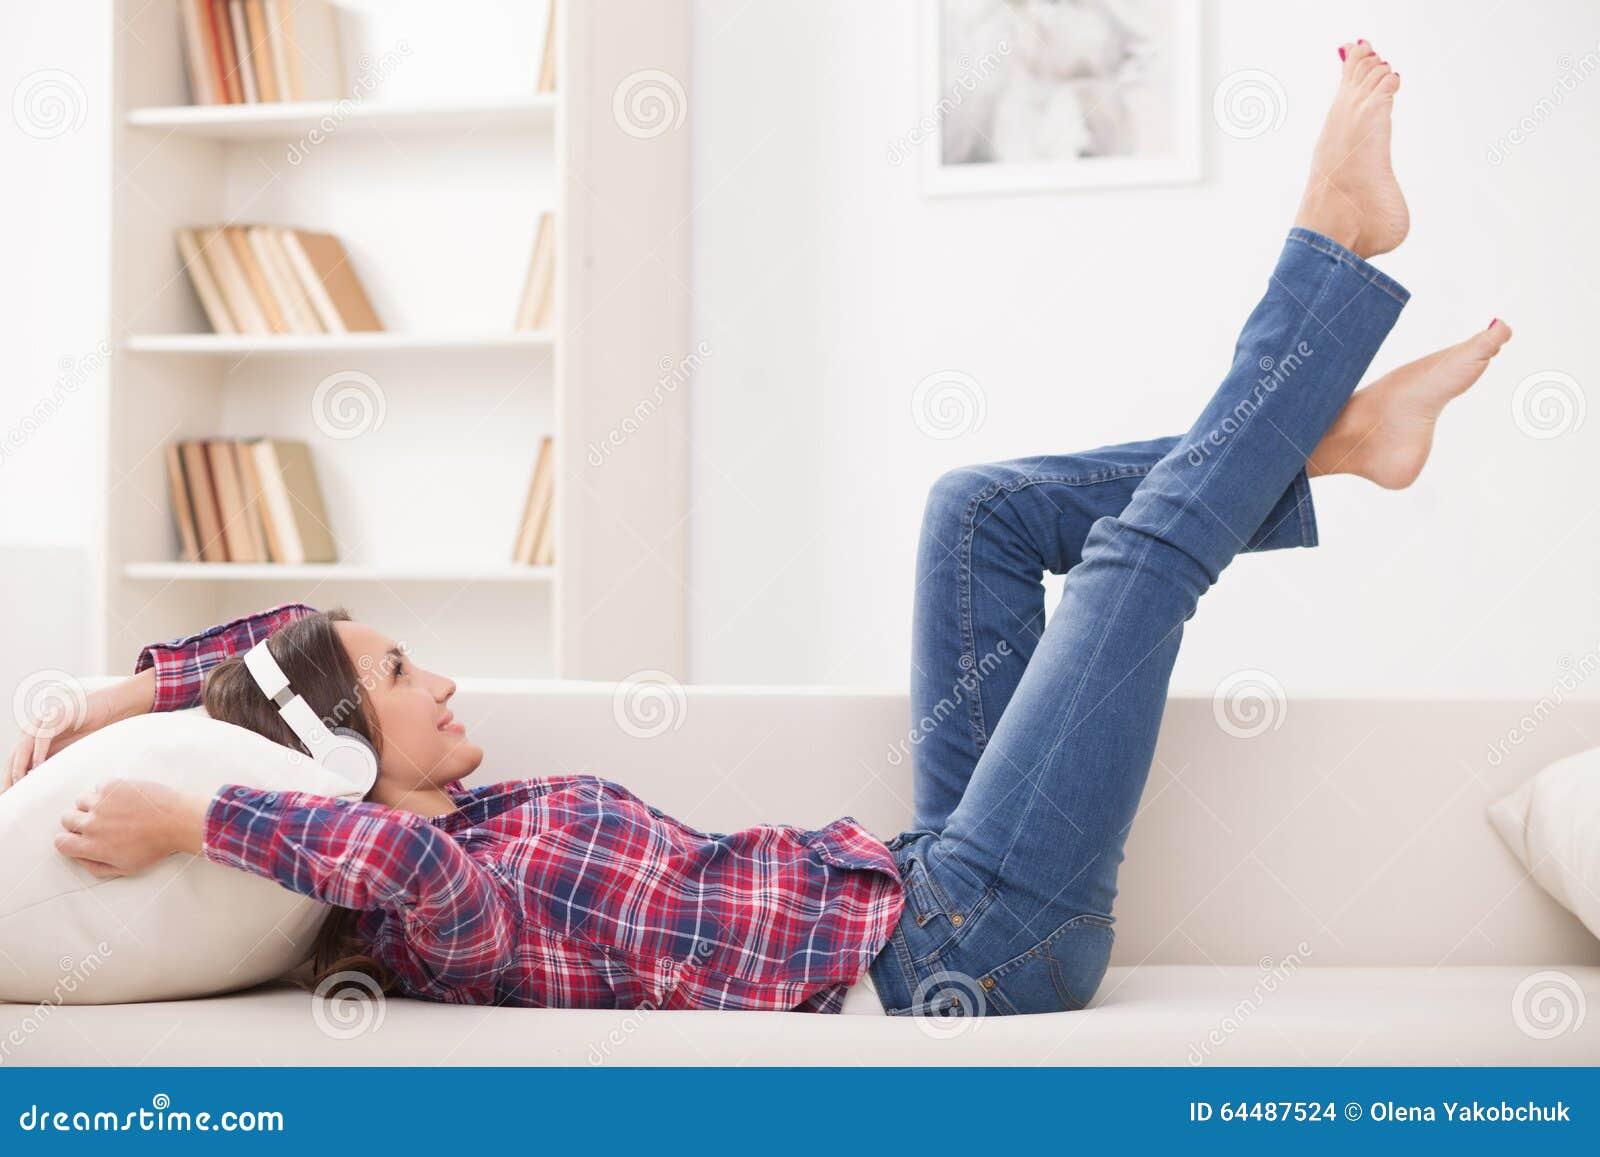 快乐的少妇在家休息图片